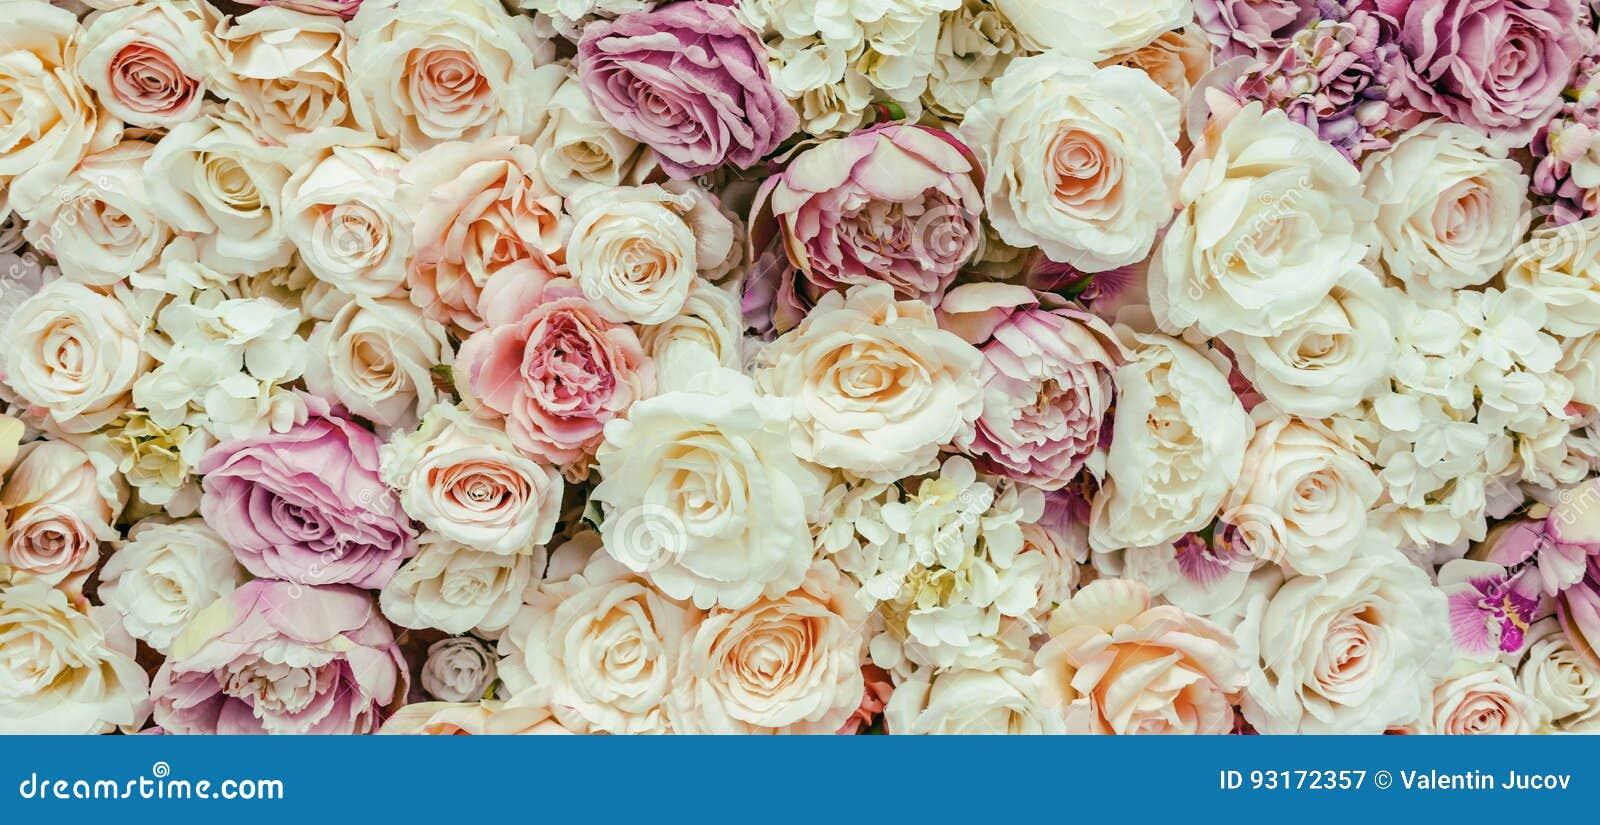 Fundo da parede das flores com surpresa de rosas vermelhas e brancas, decoração do casamento, feito à mão